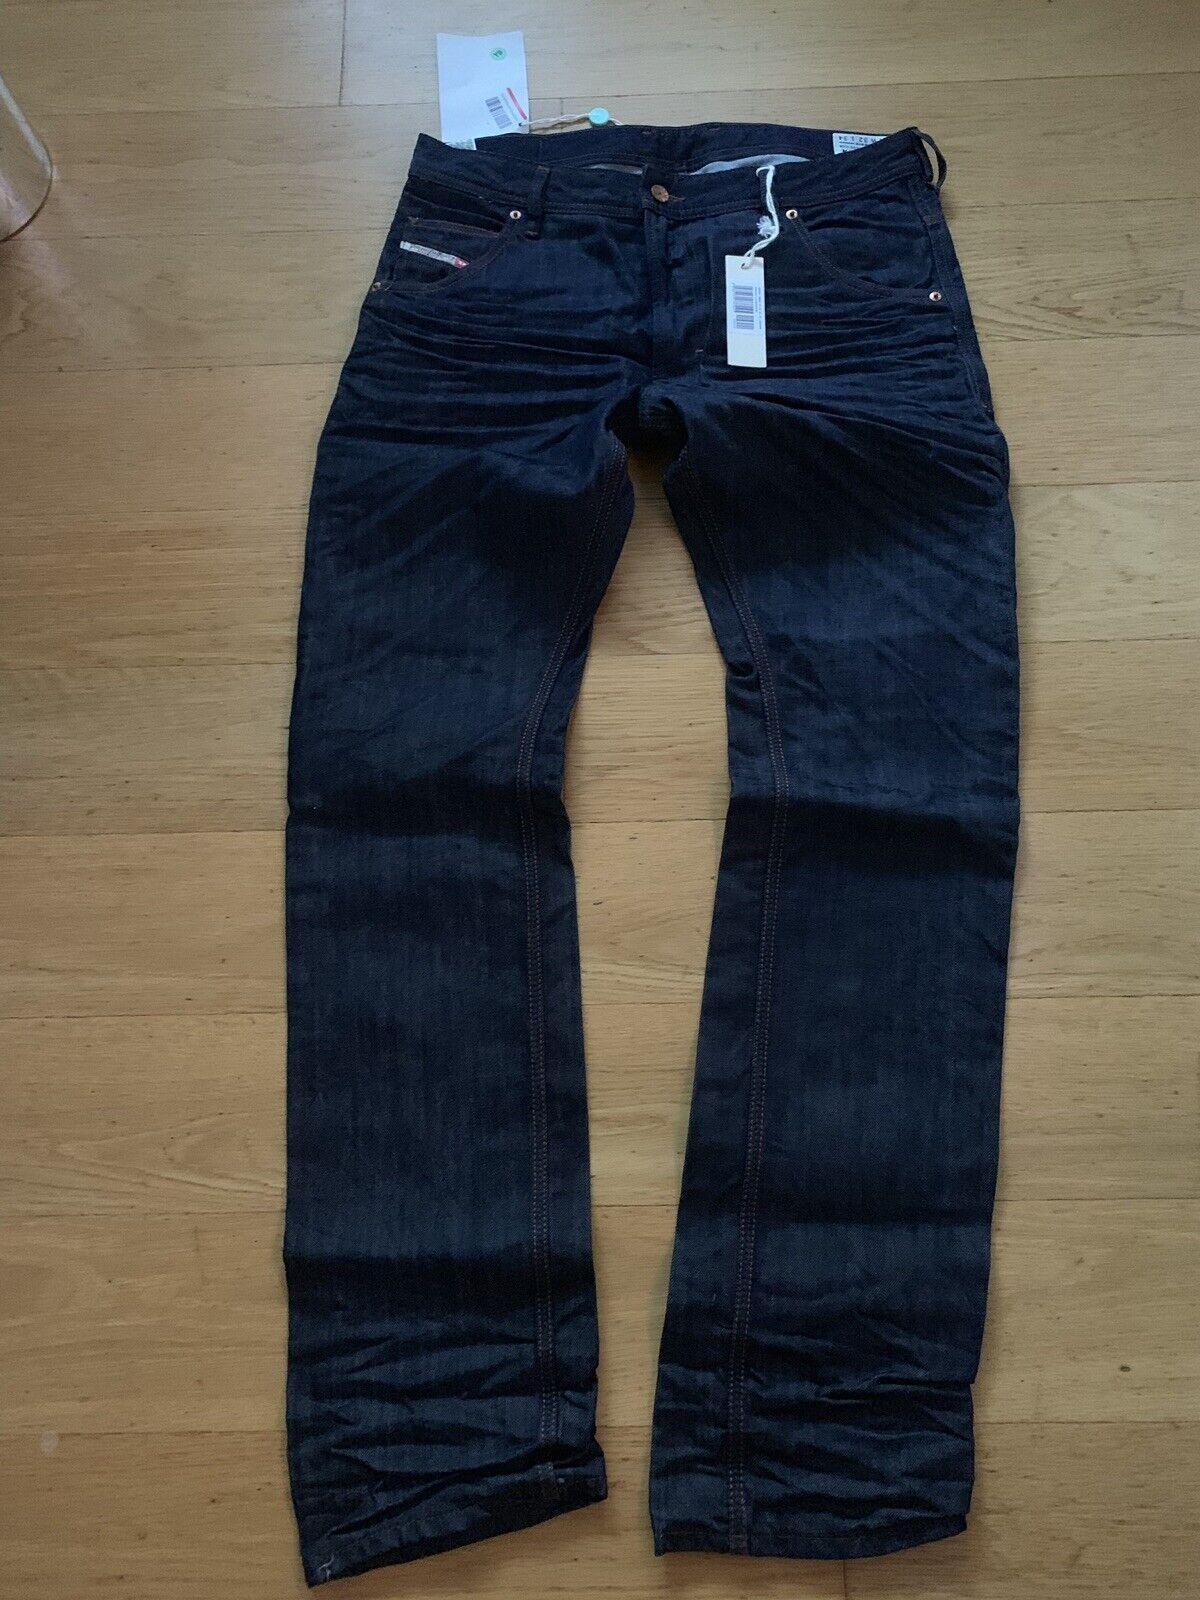 Nuevo con etiquetas  Diesel Para Hombre Krooley Jeans Tamaño 32x34in  precio al por mayor